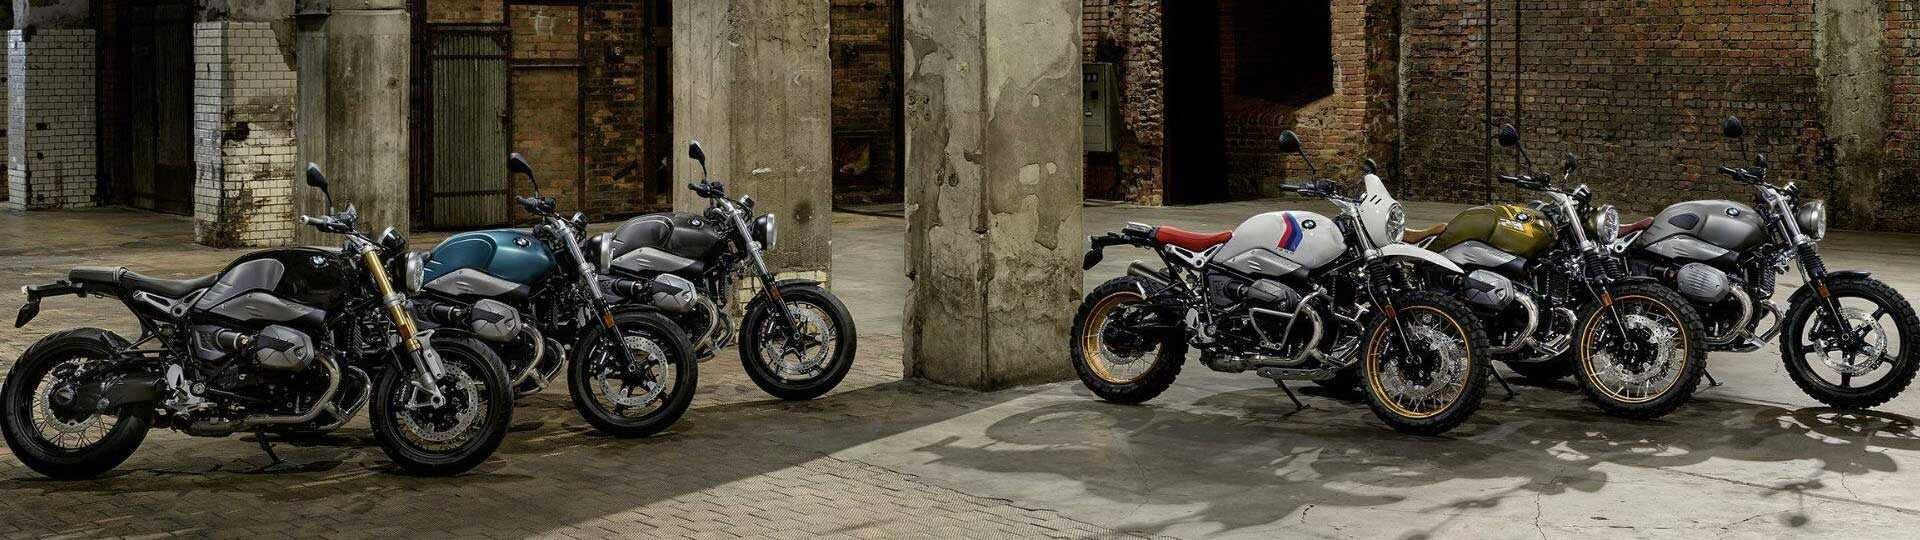 BMW-Motorrad-RnineT.jpg